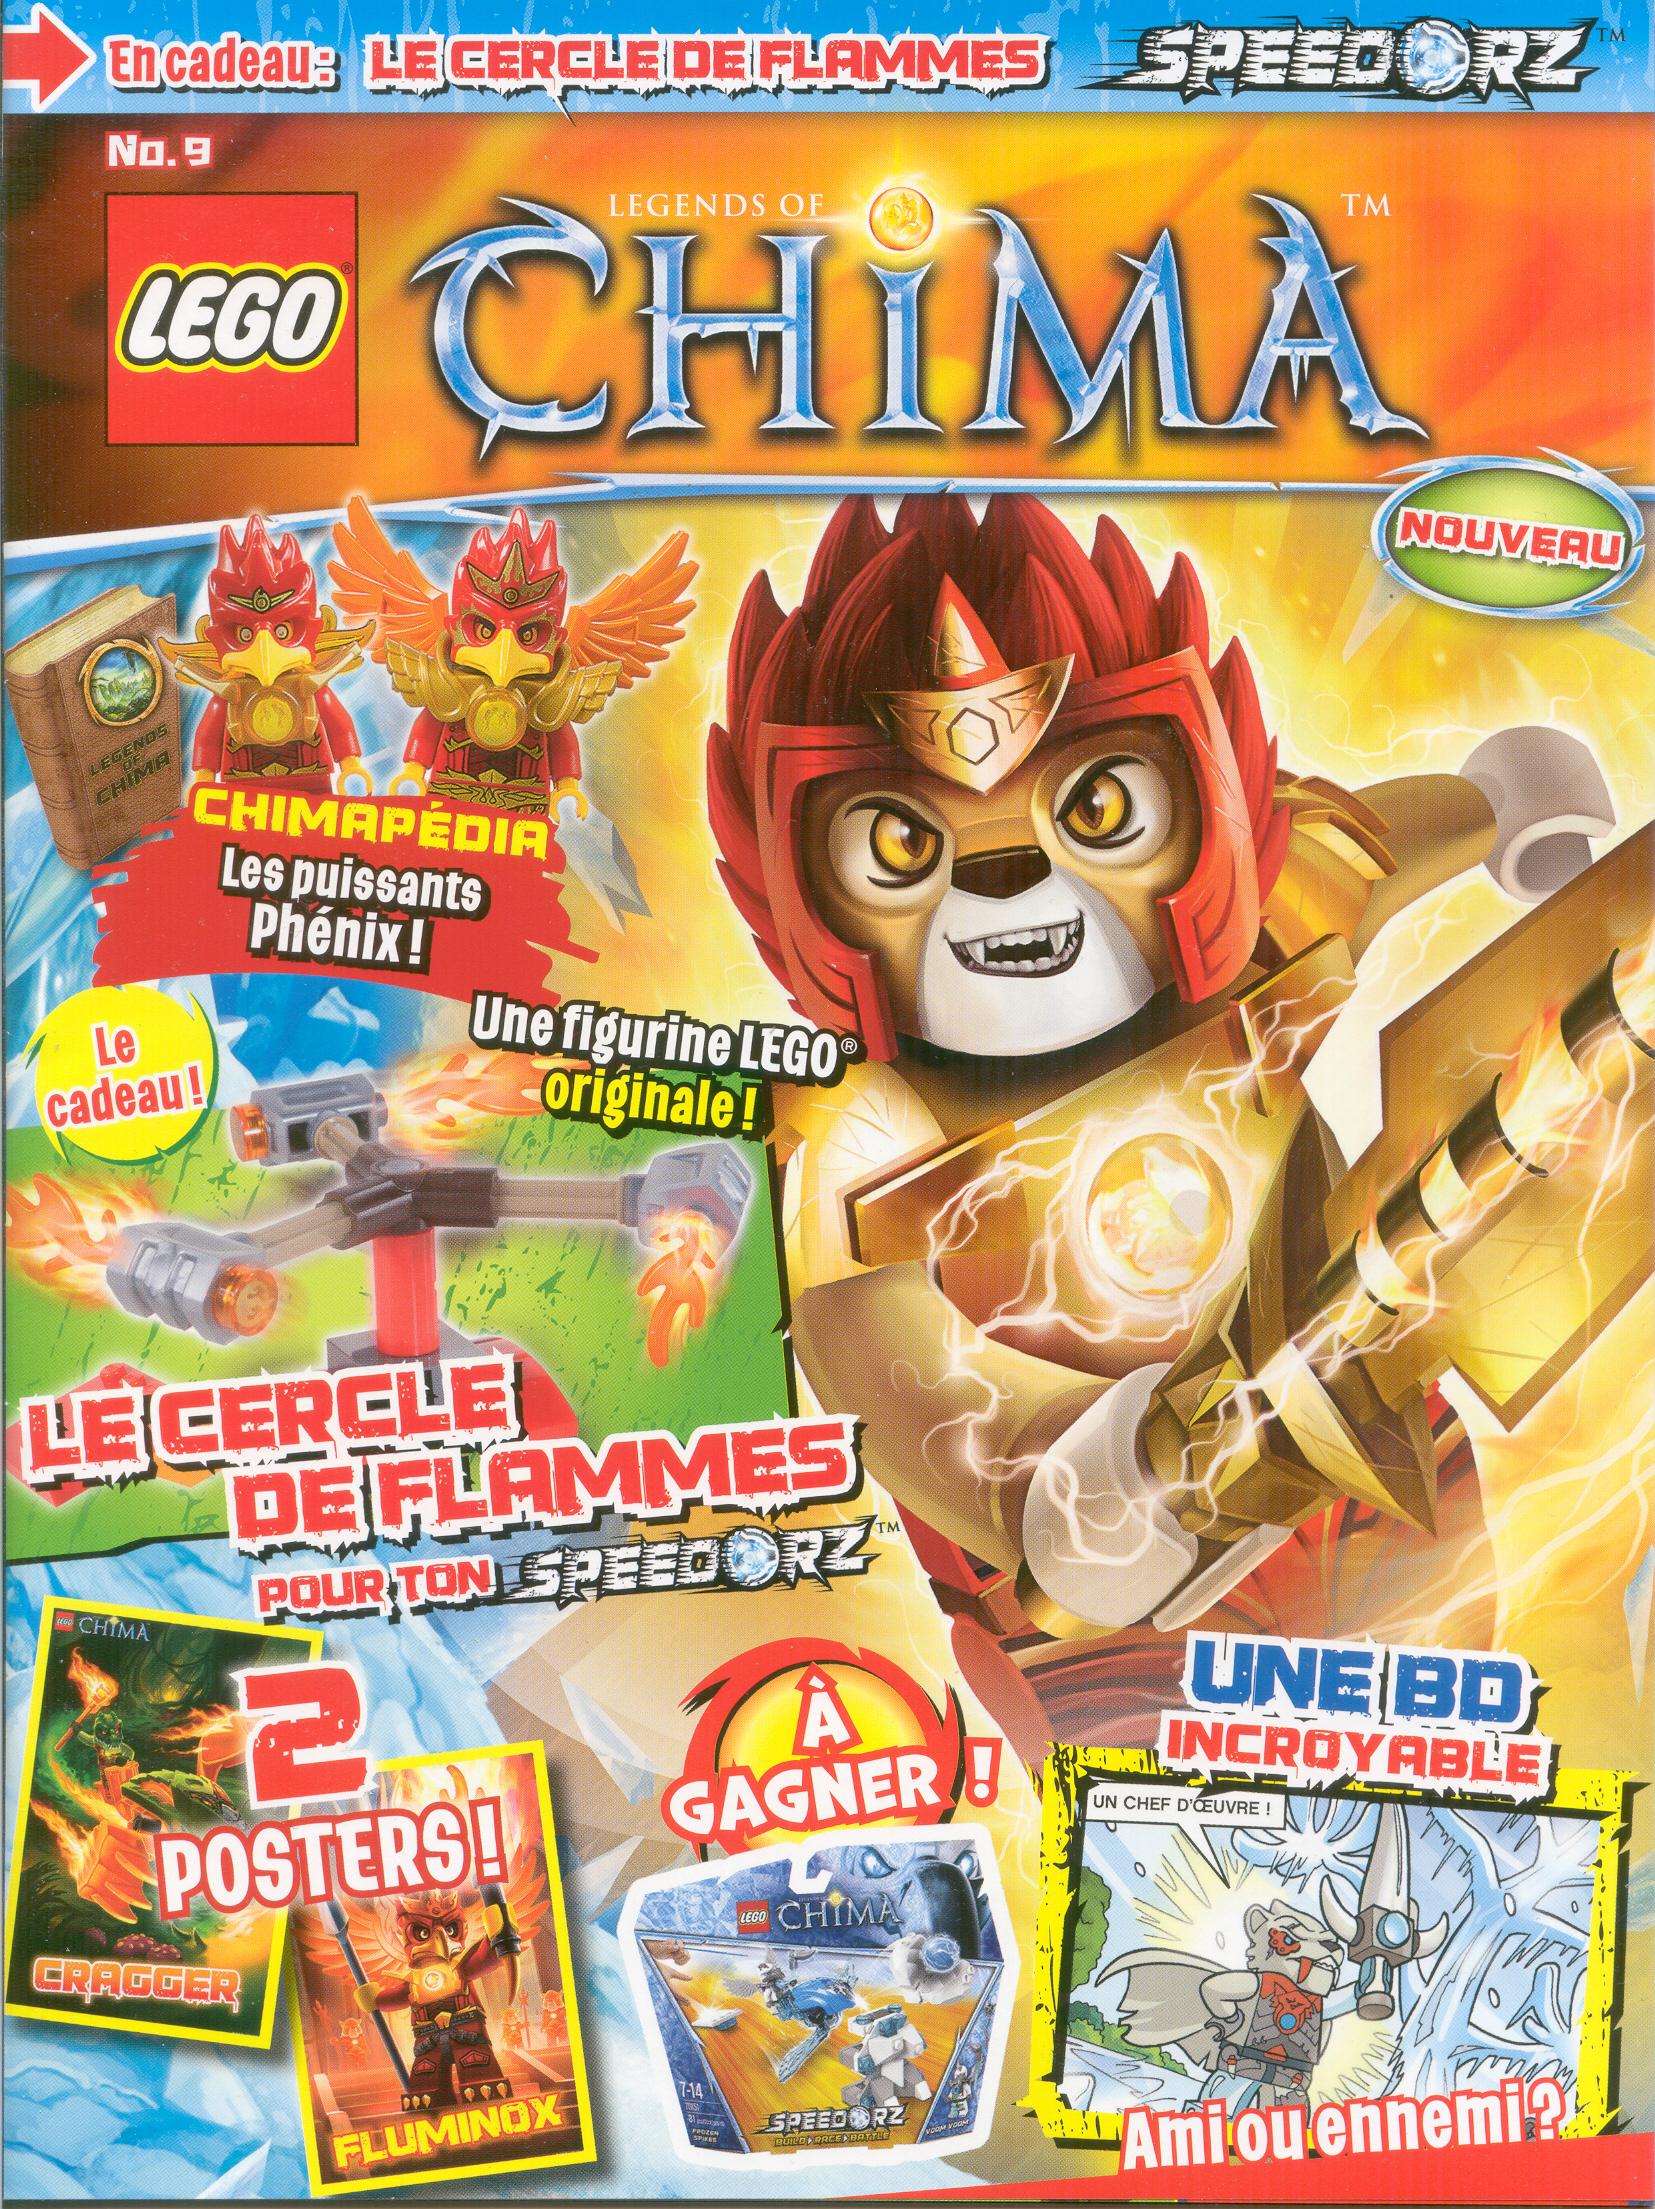 Lego chima 9 wiki lego fandom powered by wikia - Image de lego chima ...